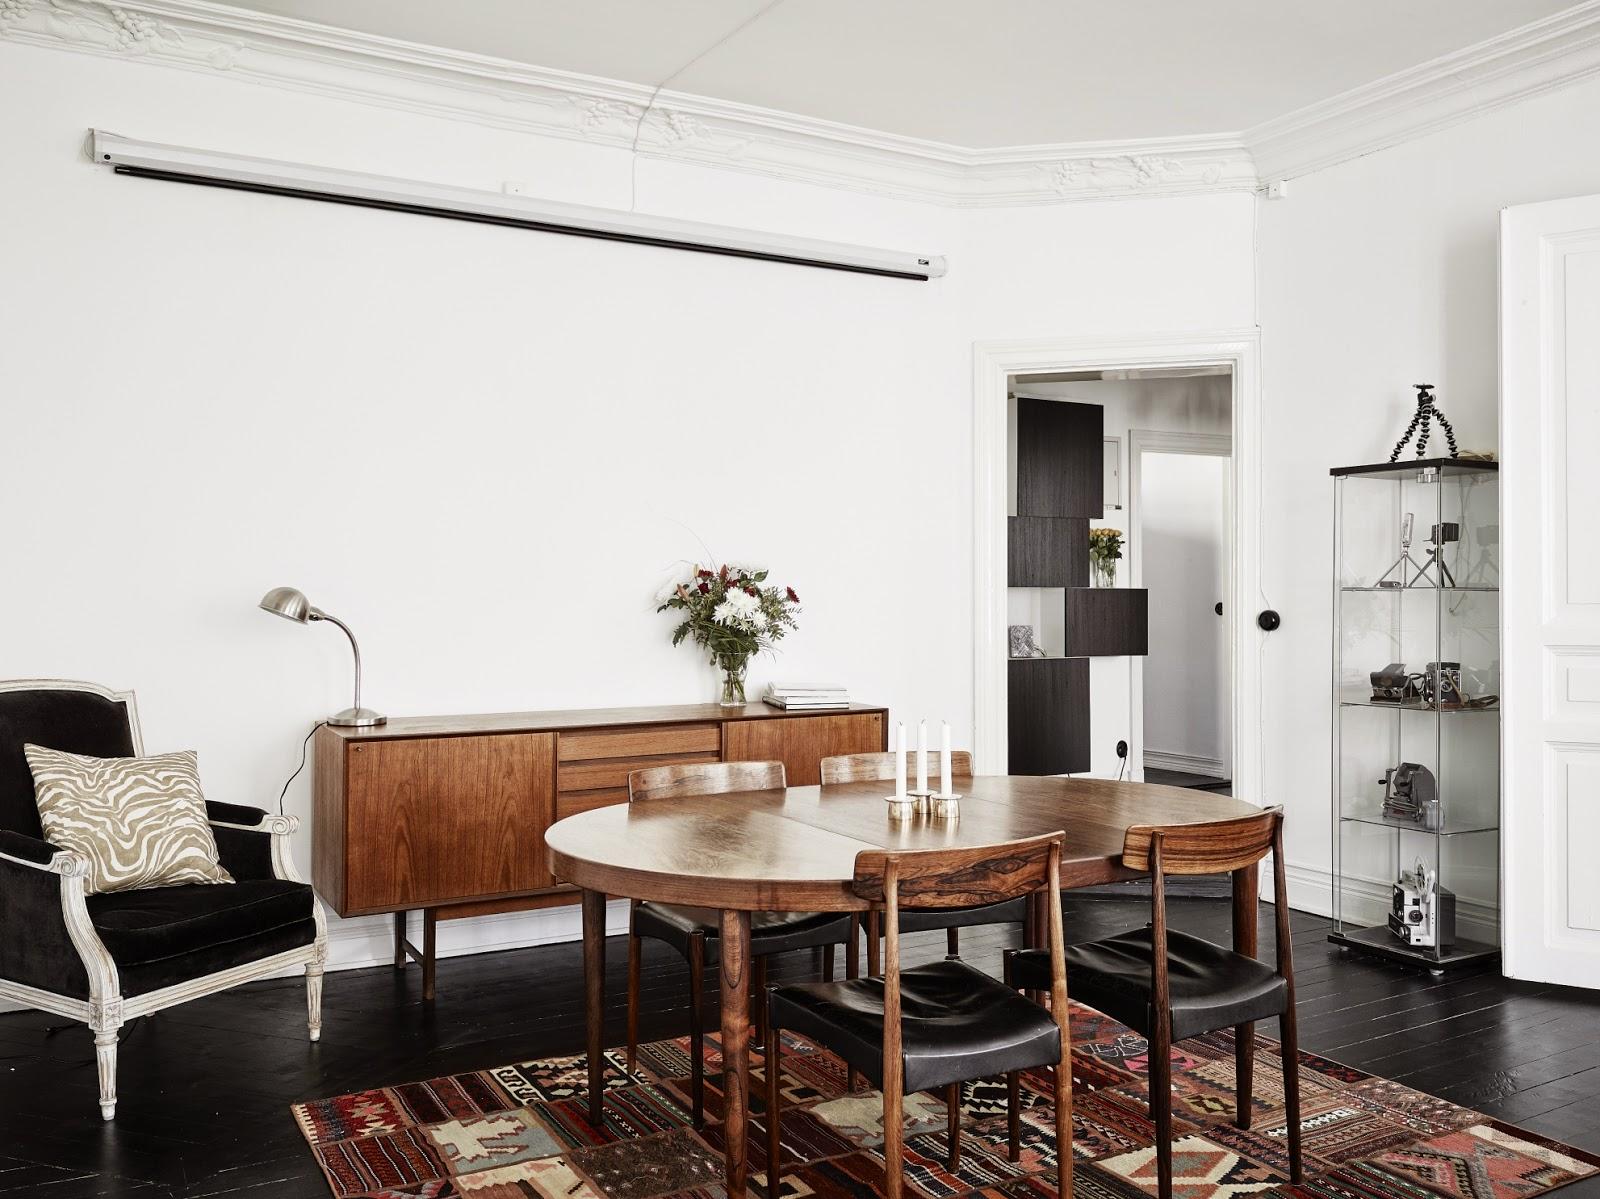 Stile scandinavo applicazione pratica coffee break for Ambiente soggiorno moderno